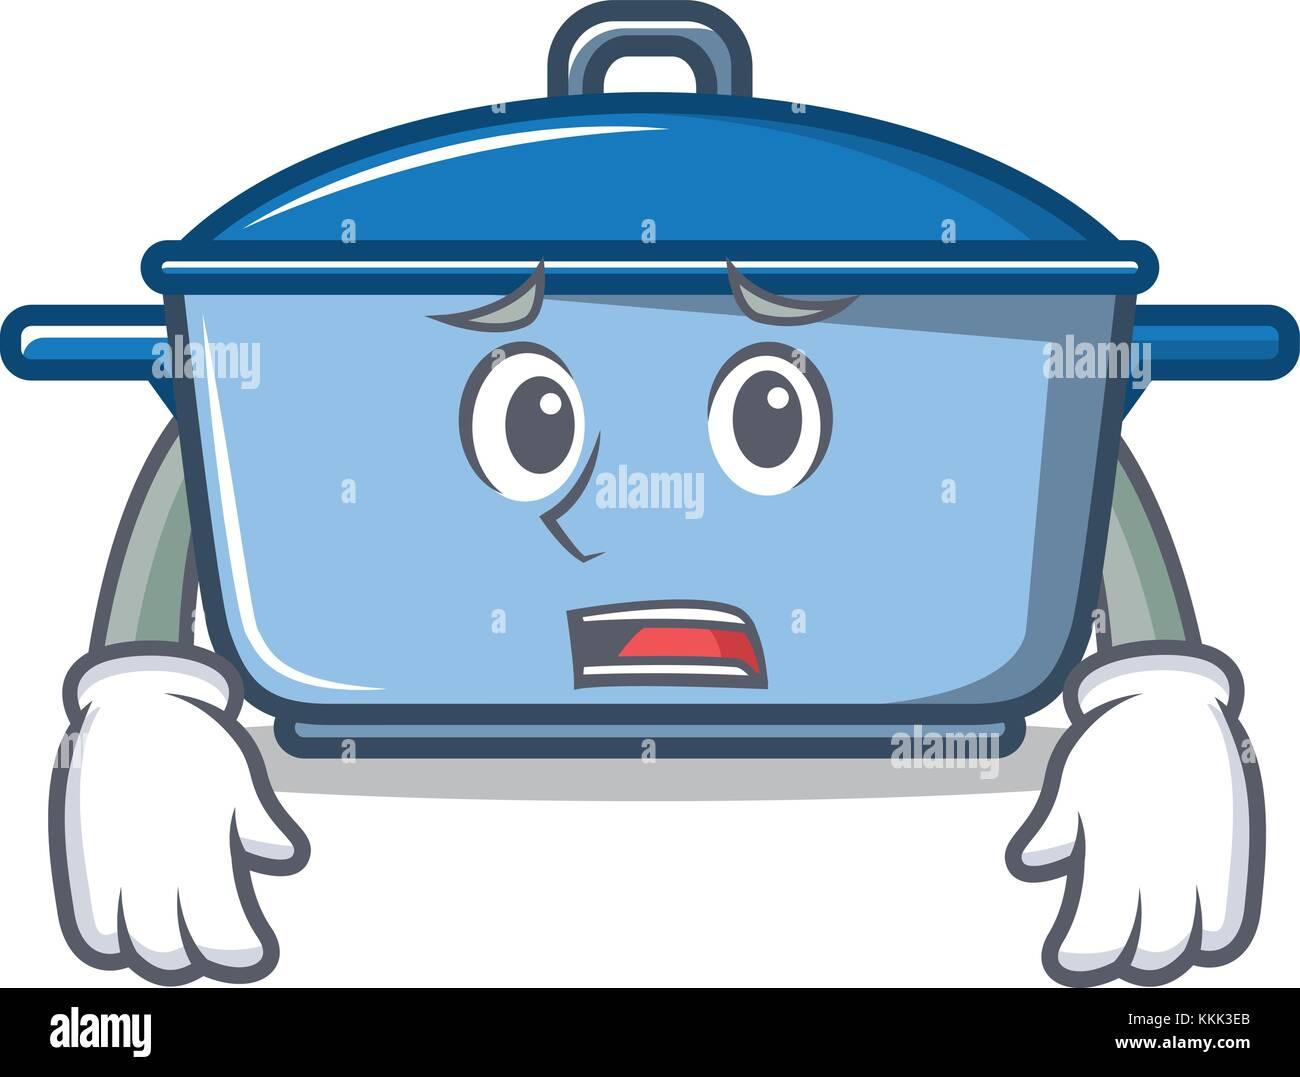 Afraid kitchen character cartoon style Stock Vector Art ...